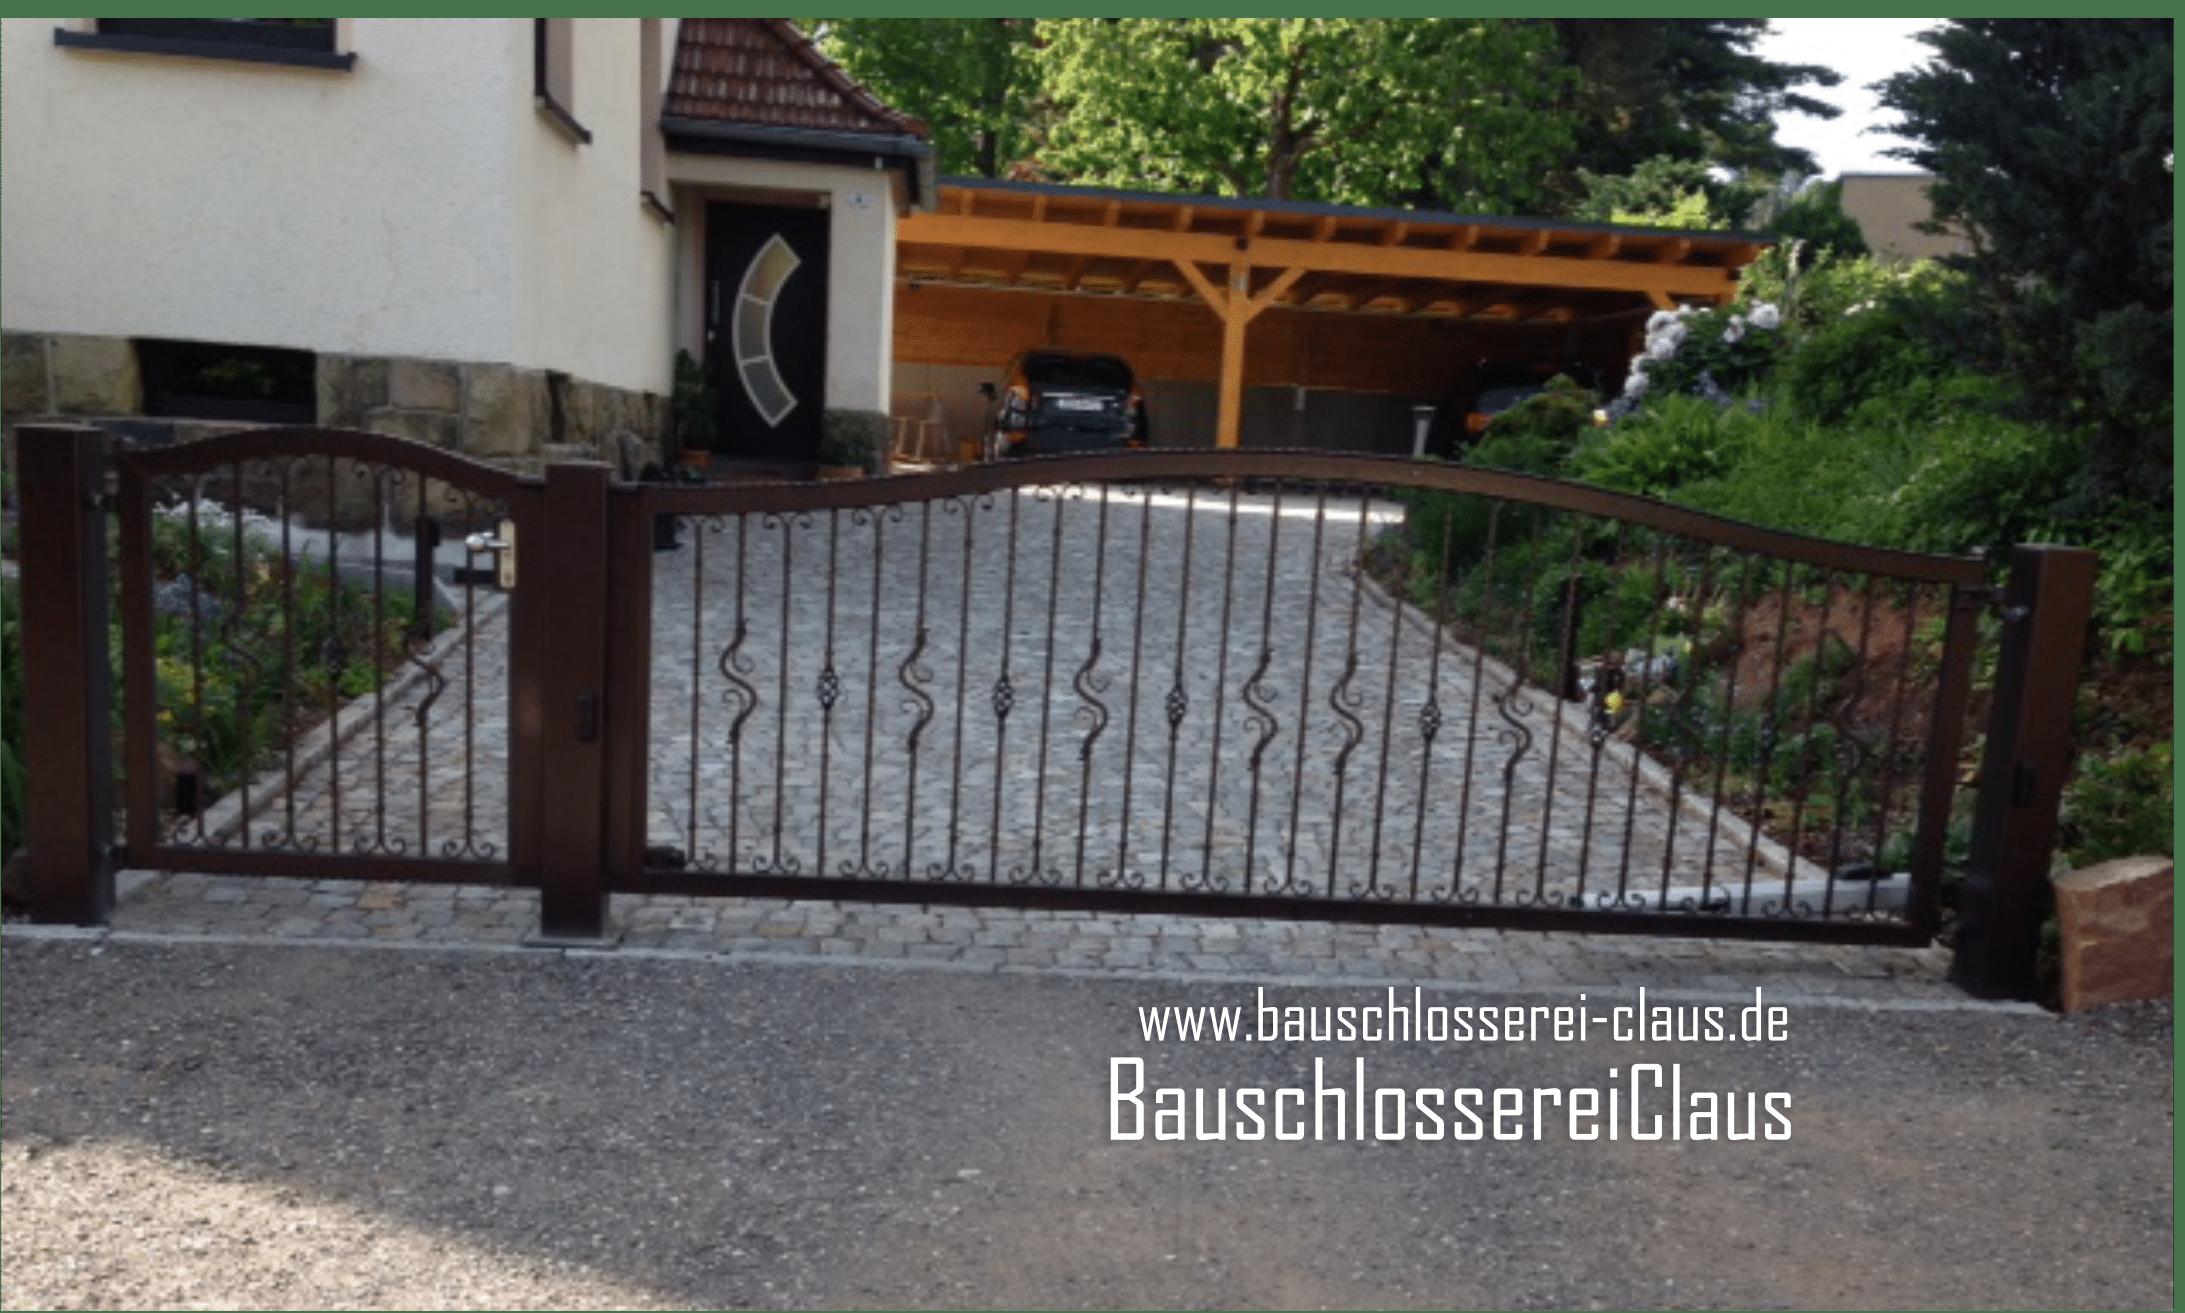 Bauschlosserei Claus Referenzen Zaun Und Torbau